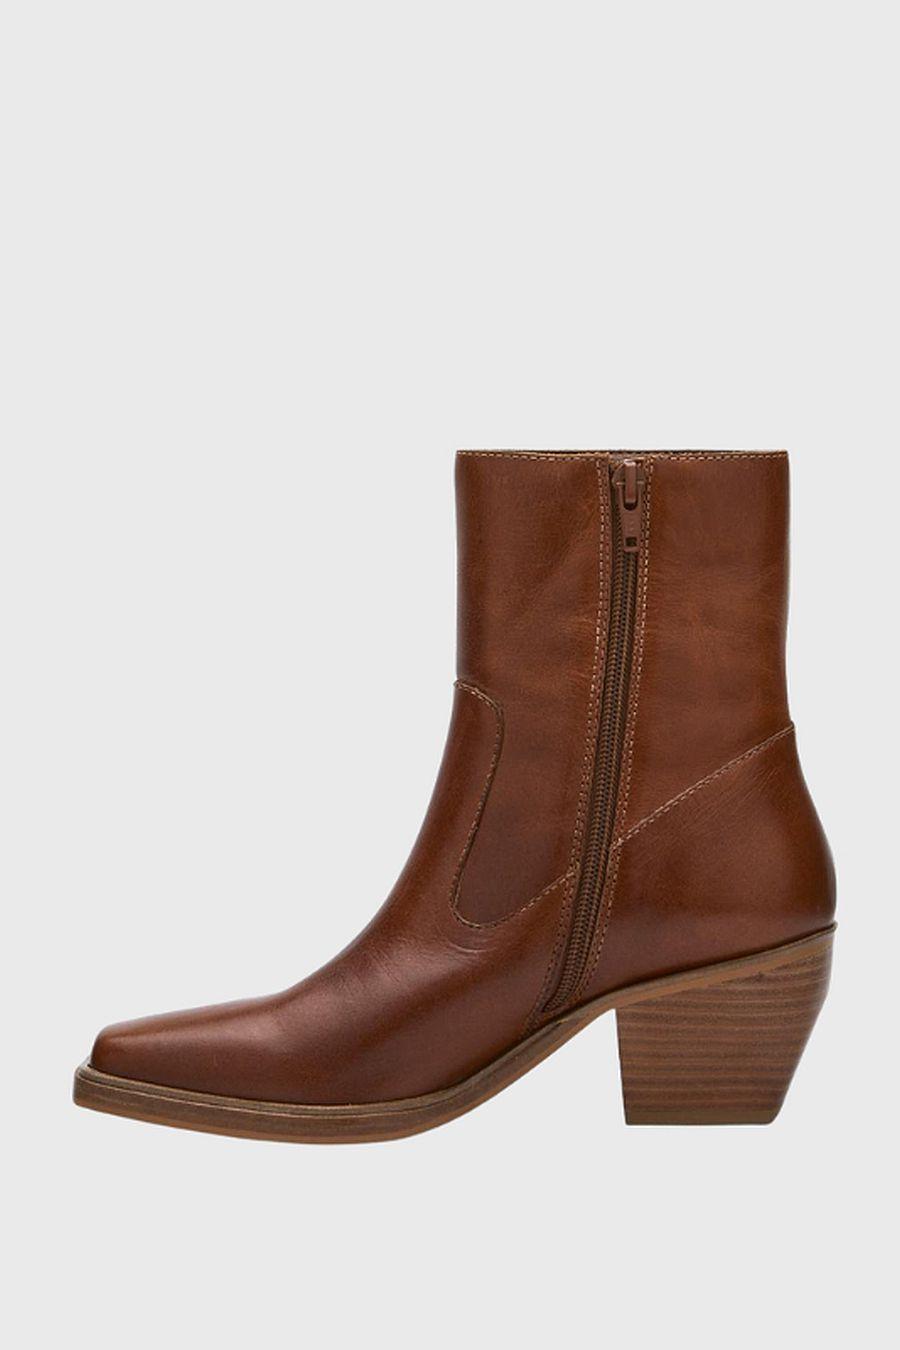 Matisse Footwear Ezra Western Boot - tan